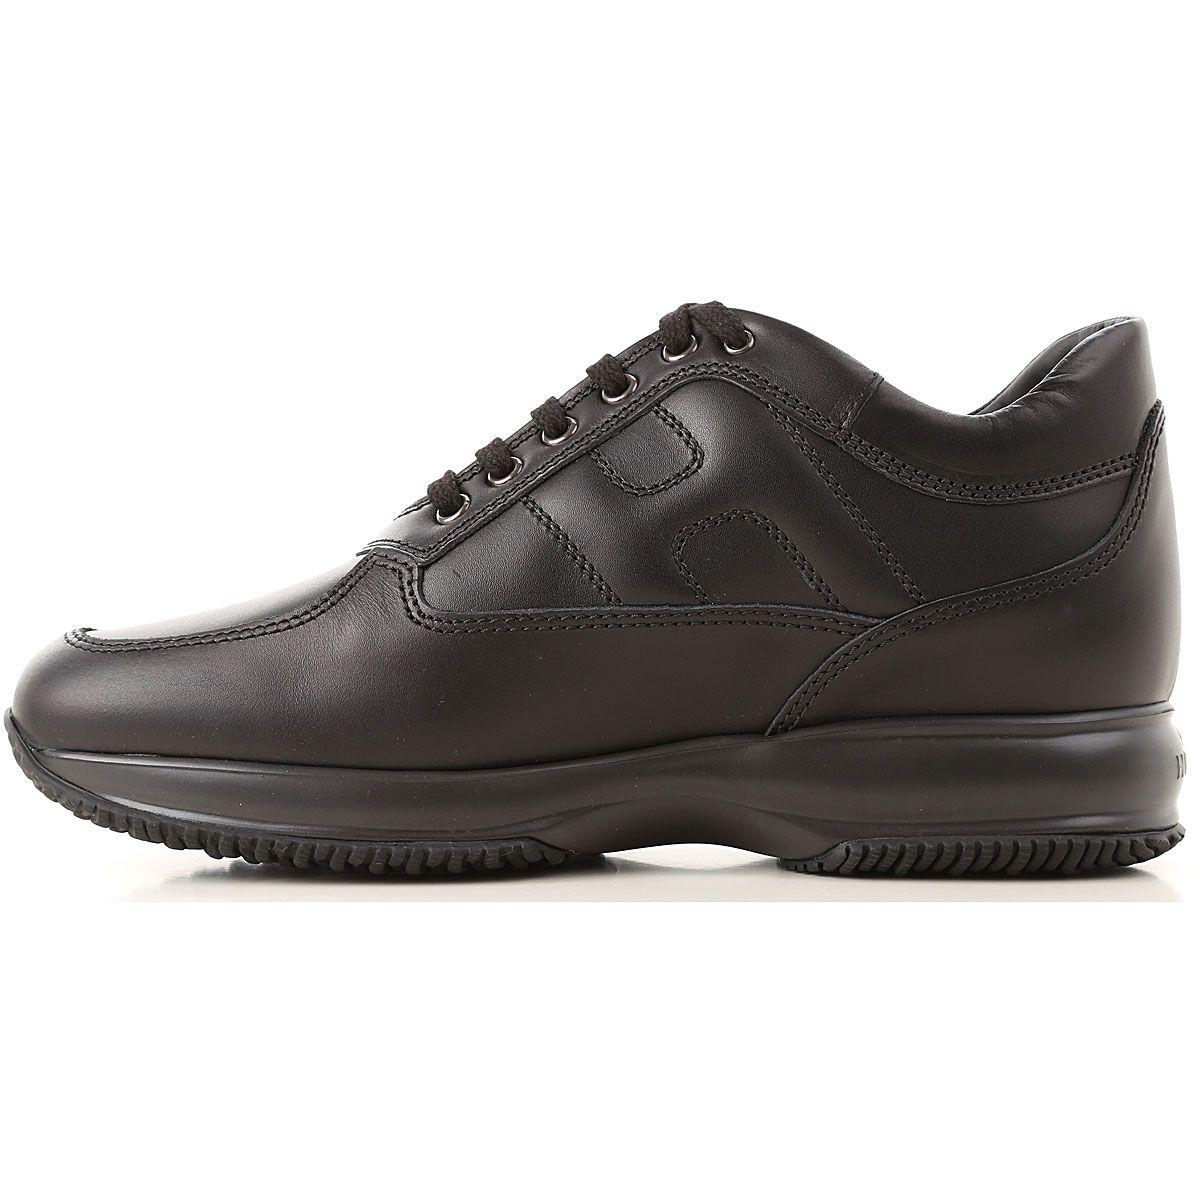 Mens Shoes Hogan, Style code: hxm00n00010klab999-- in 2021 | Hogan ...